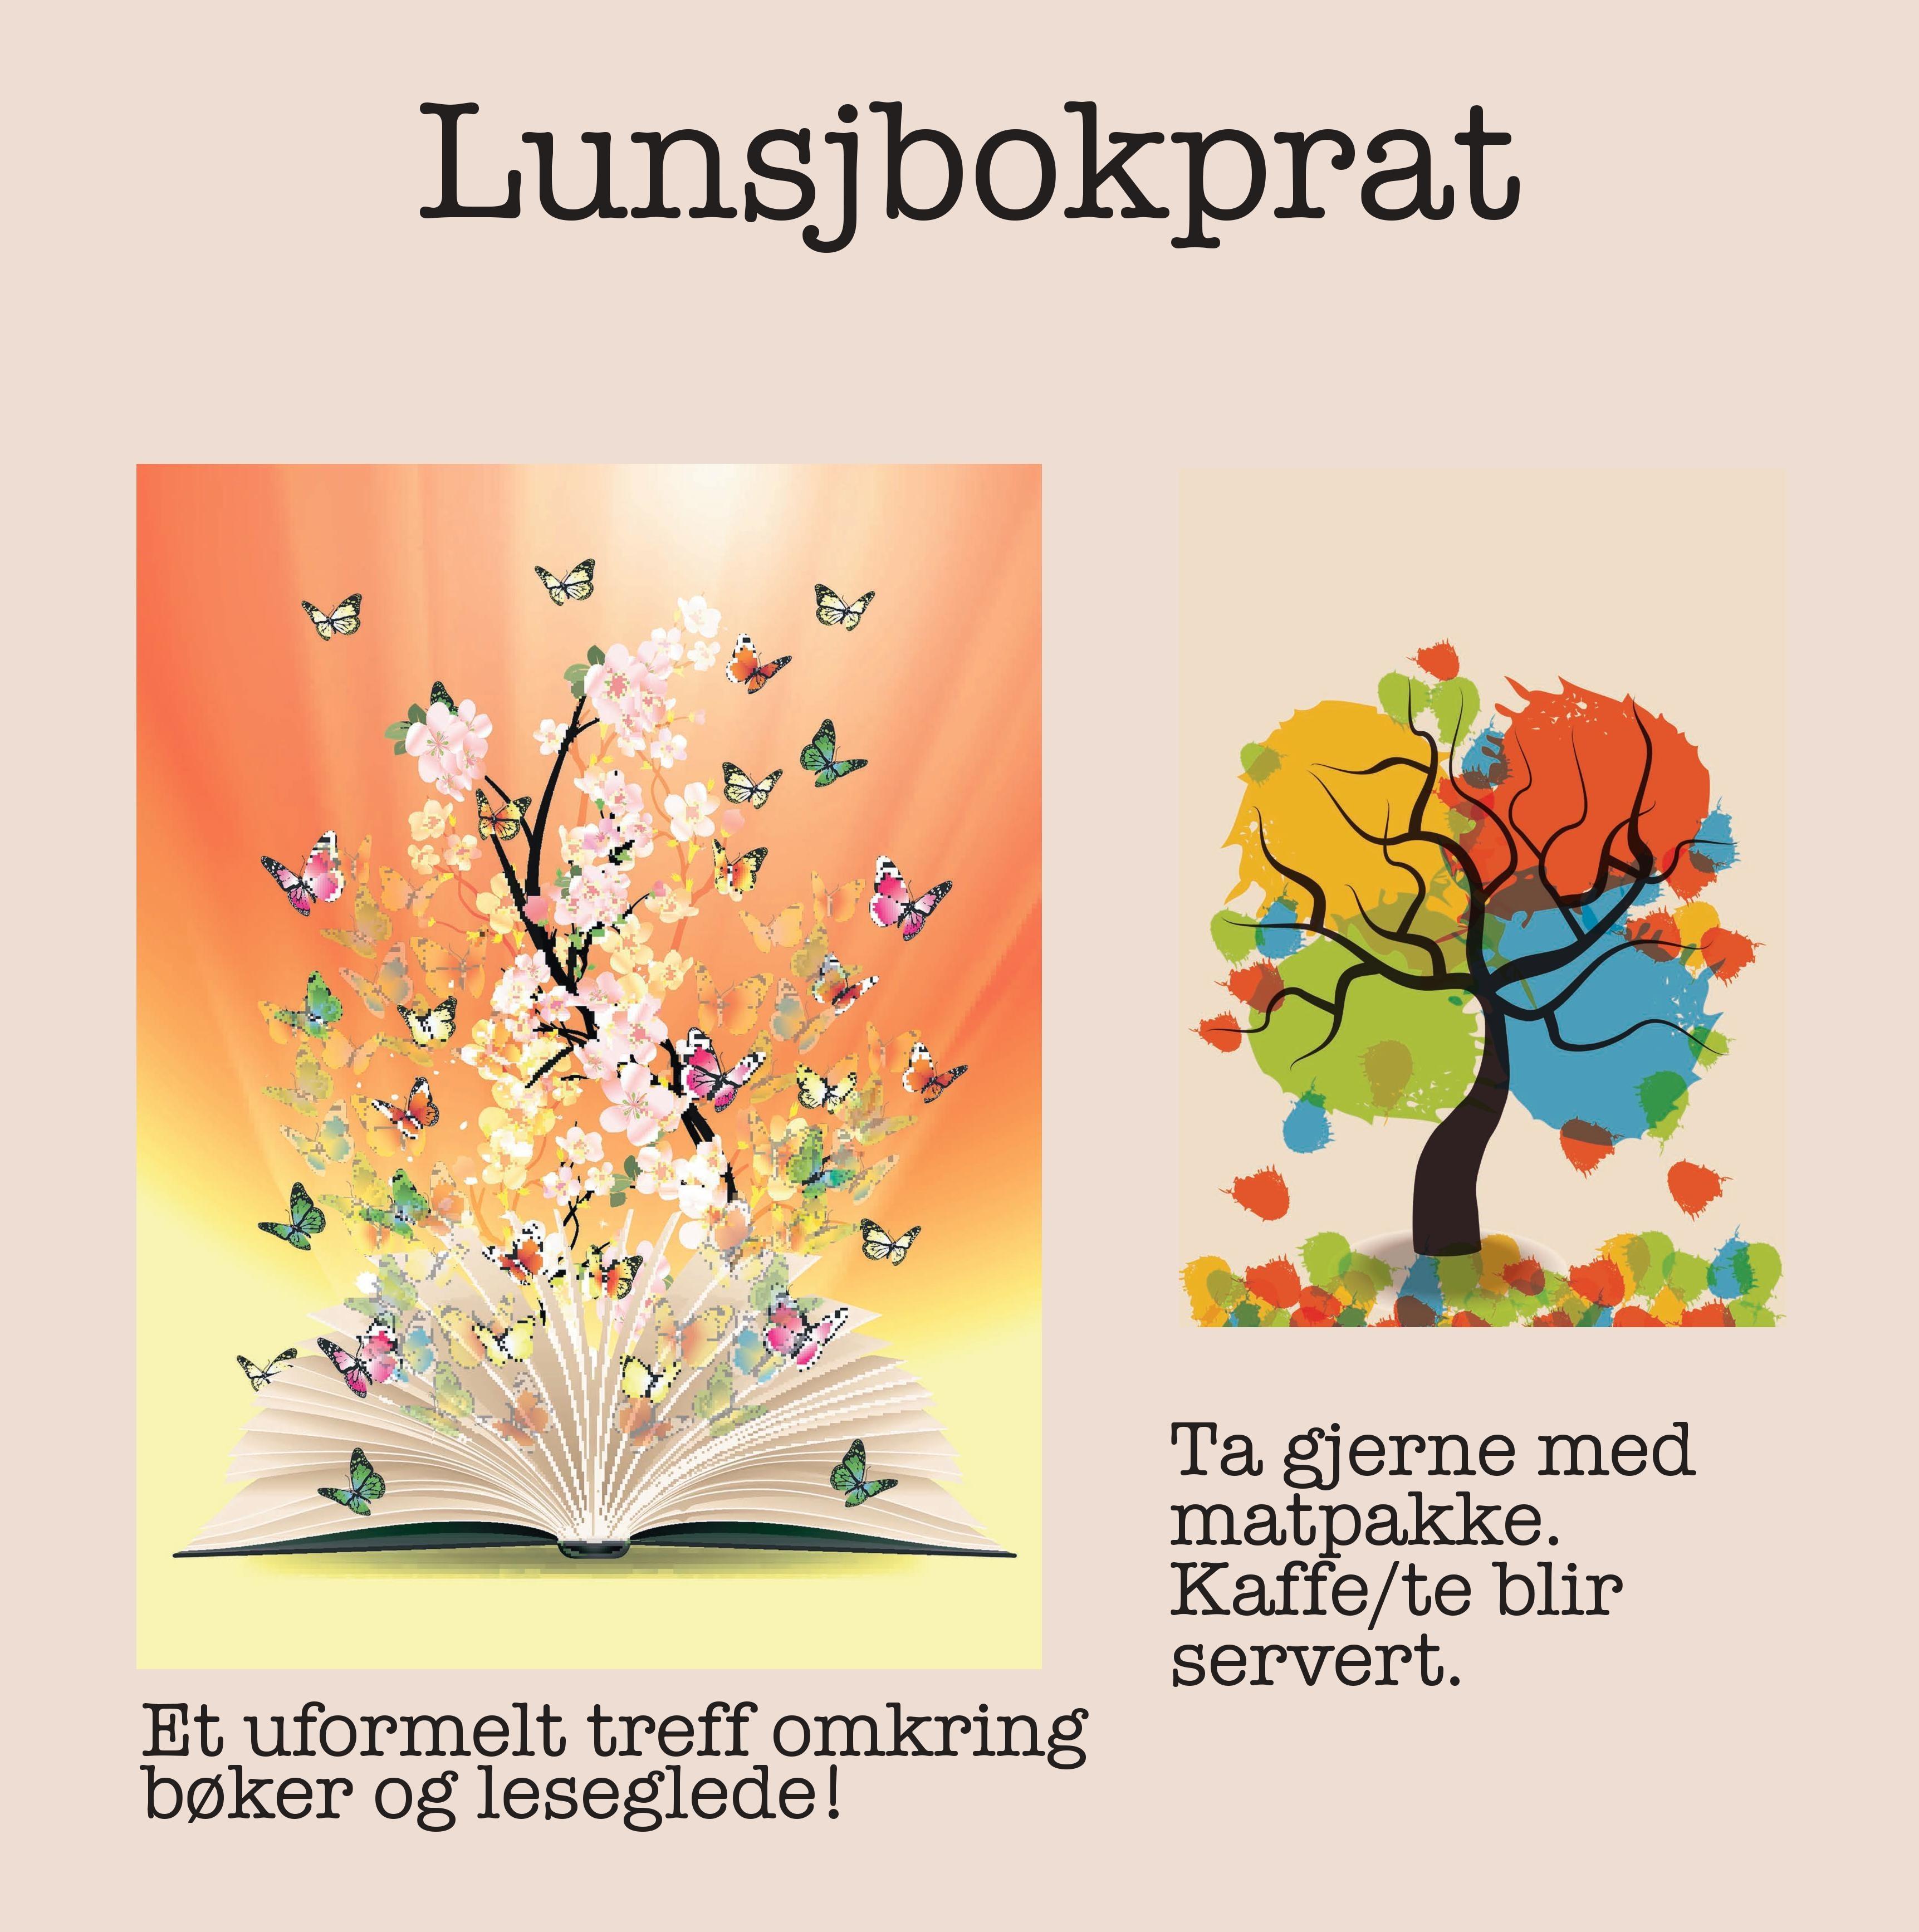 lunsjbokprat_plakat